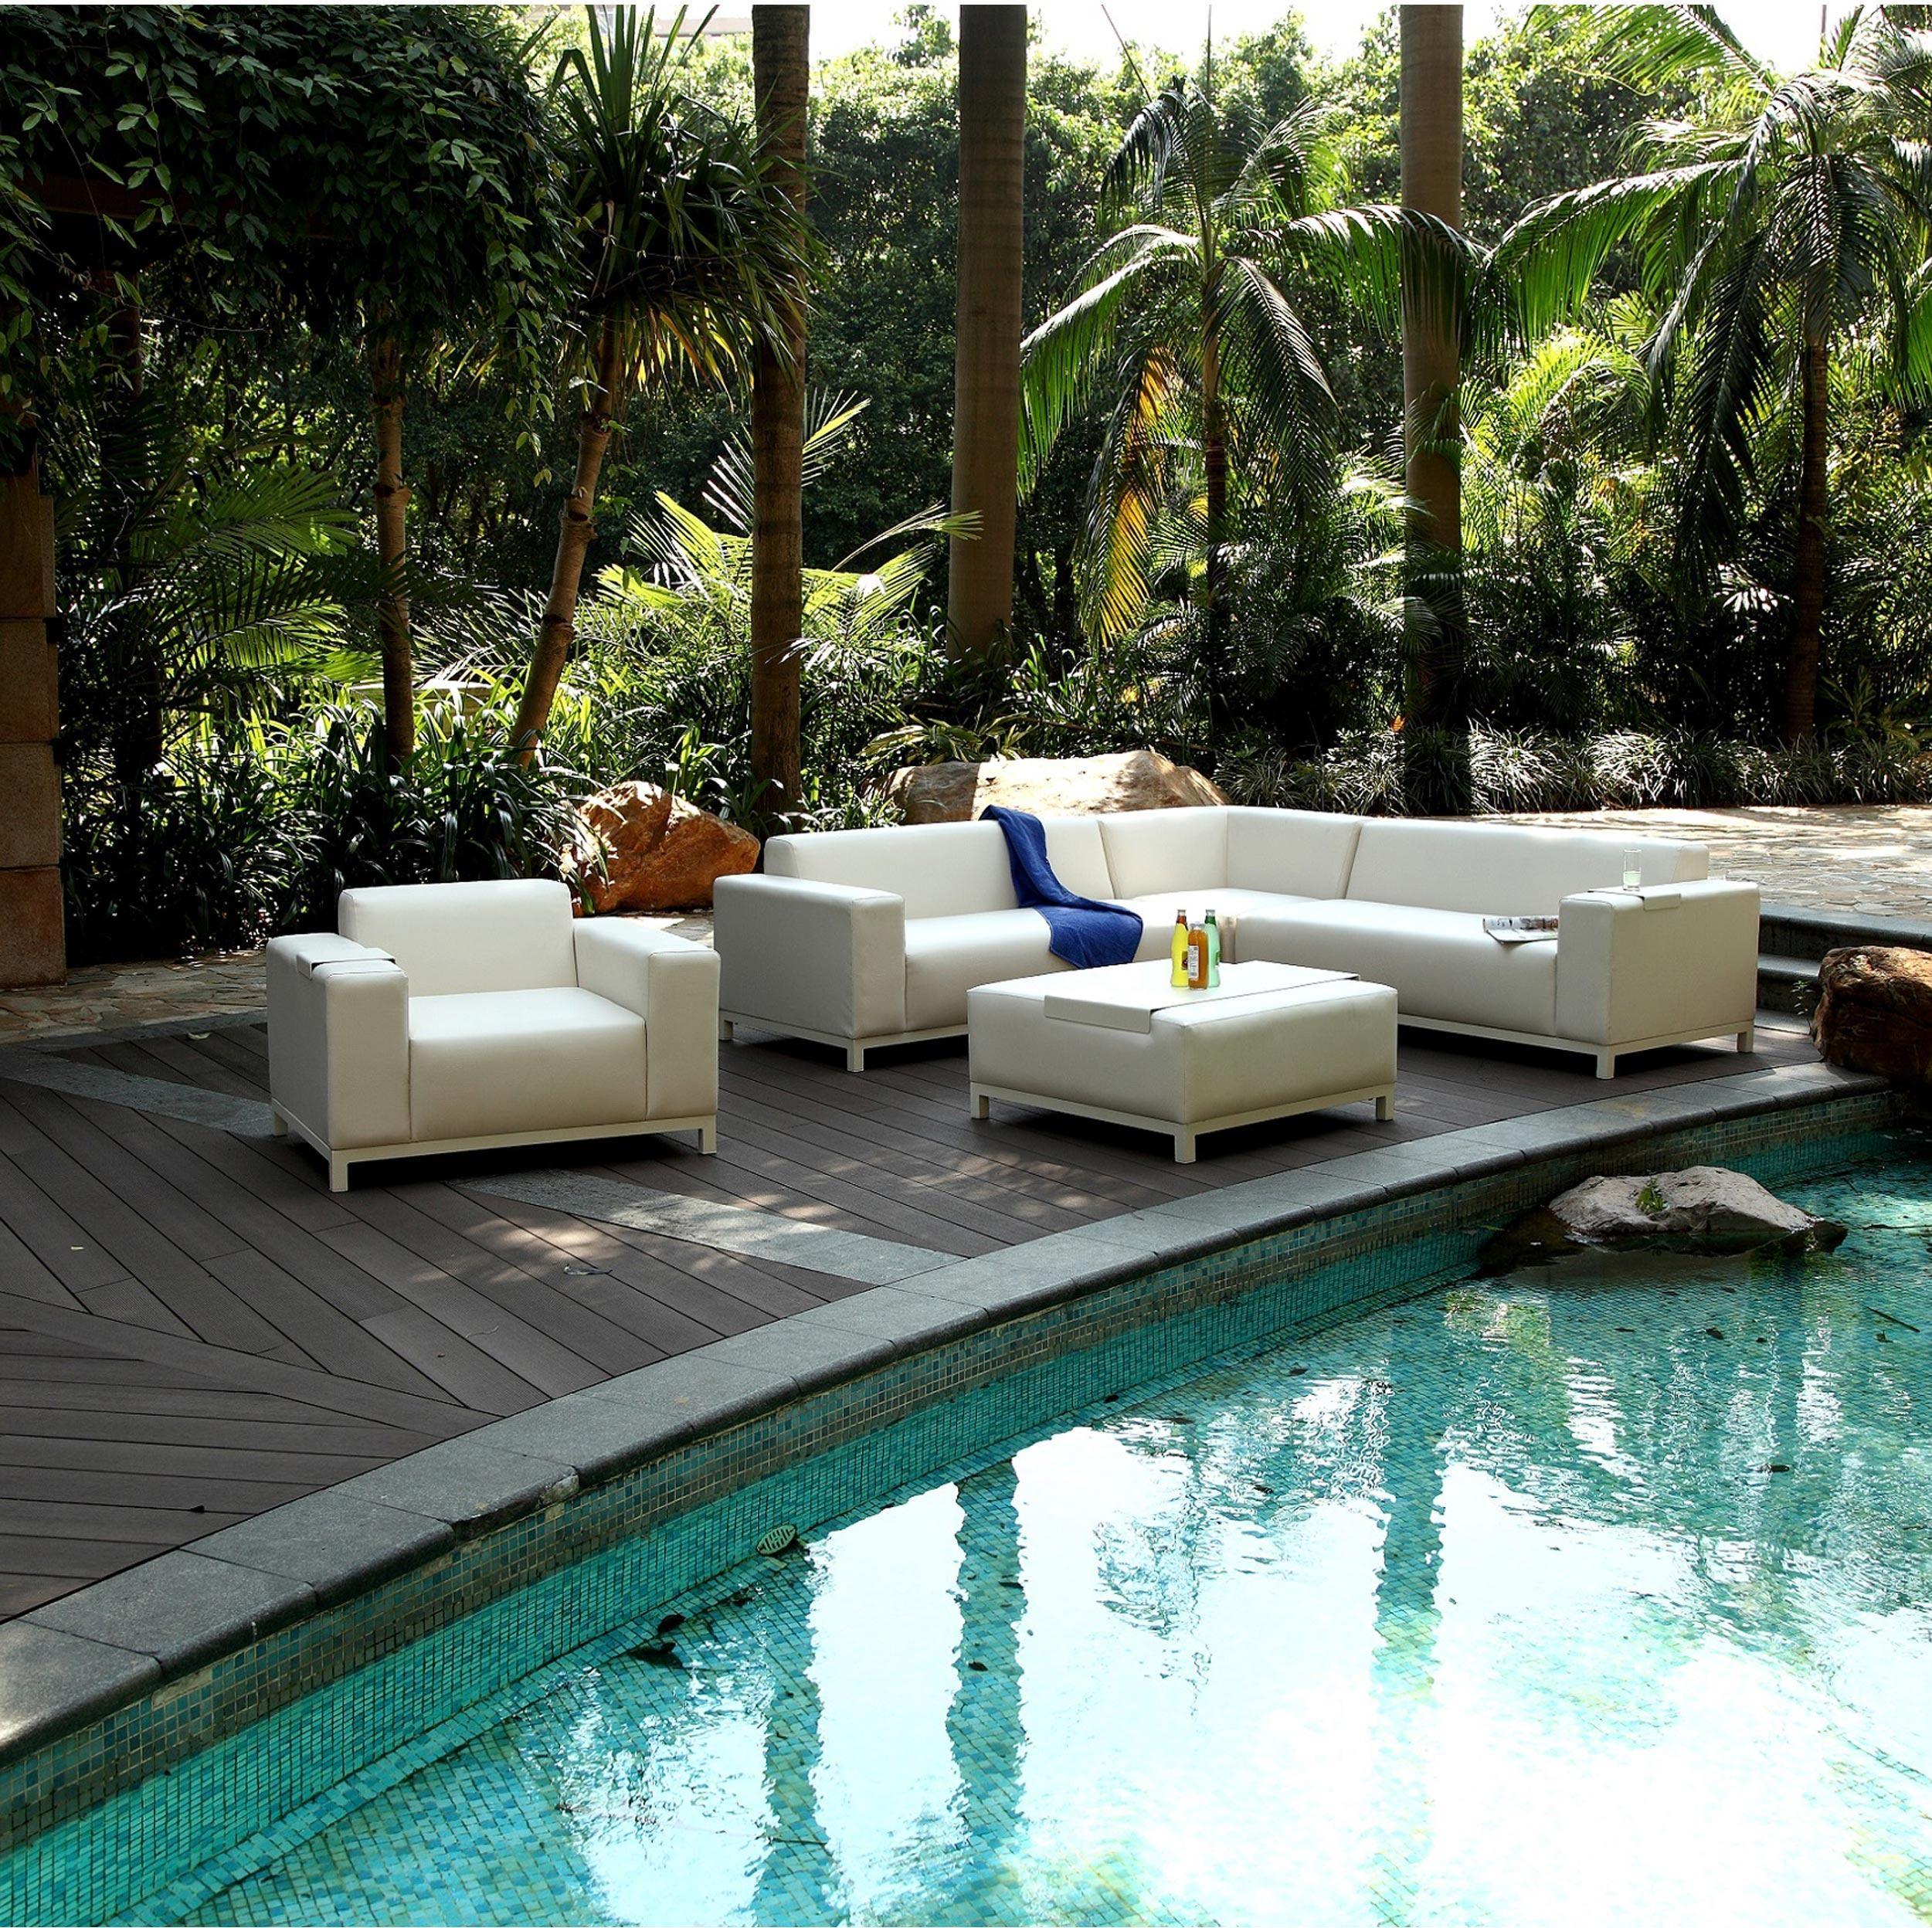 Salon Bas De Jardin Dubai Blanc 6 Personnes Salon De Jardin